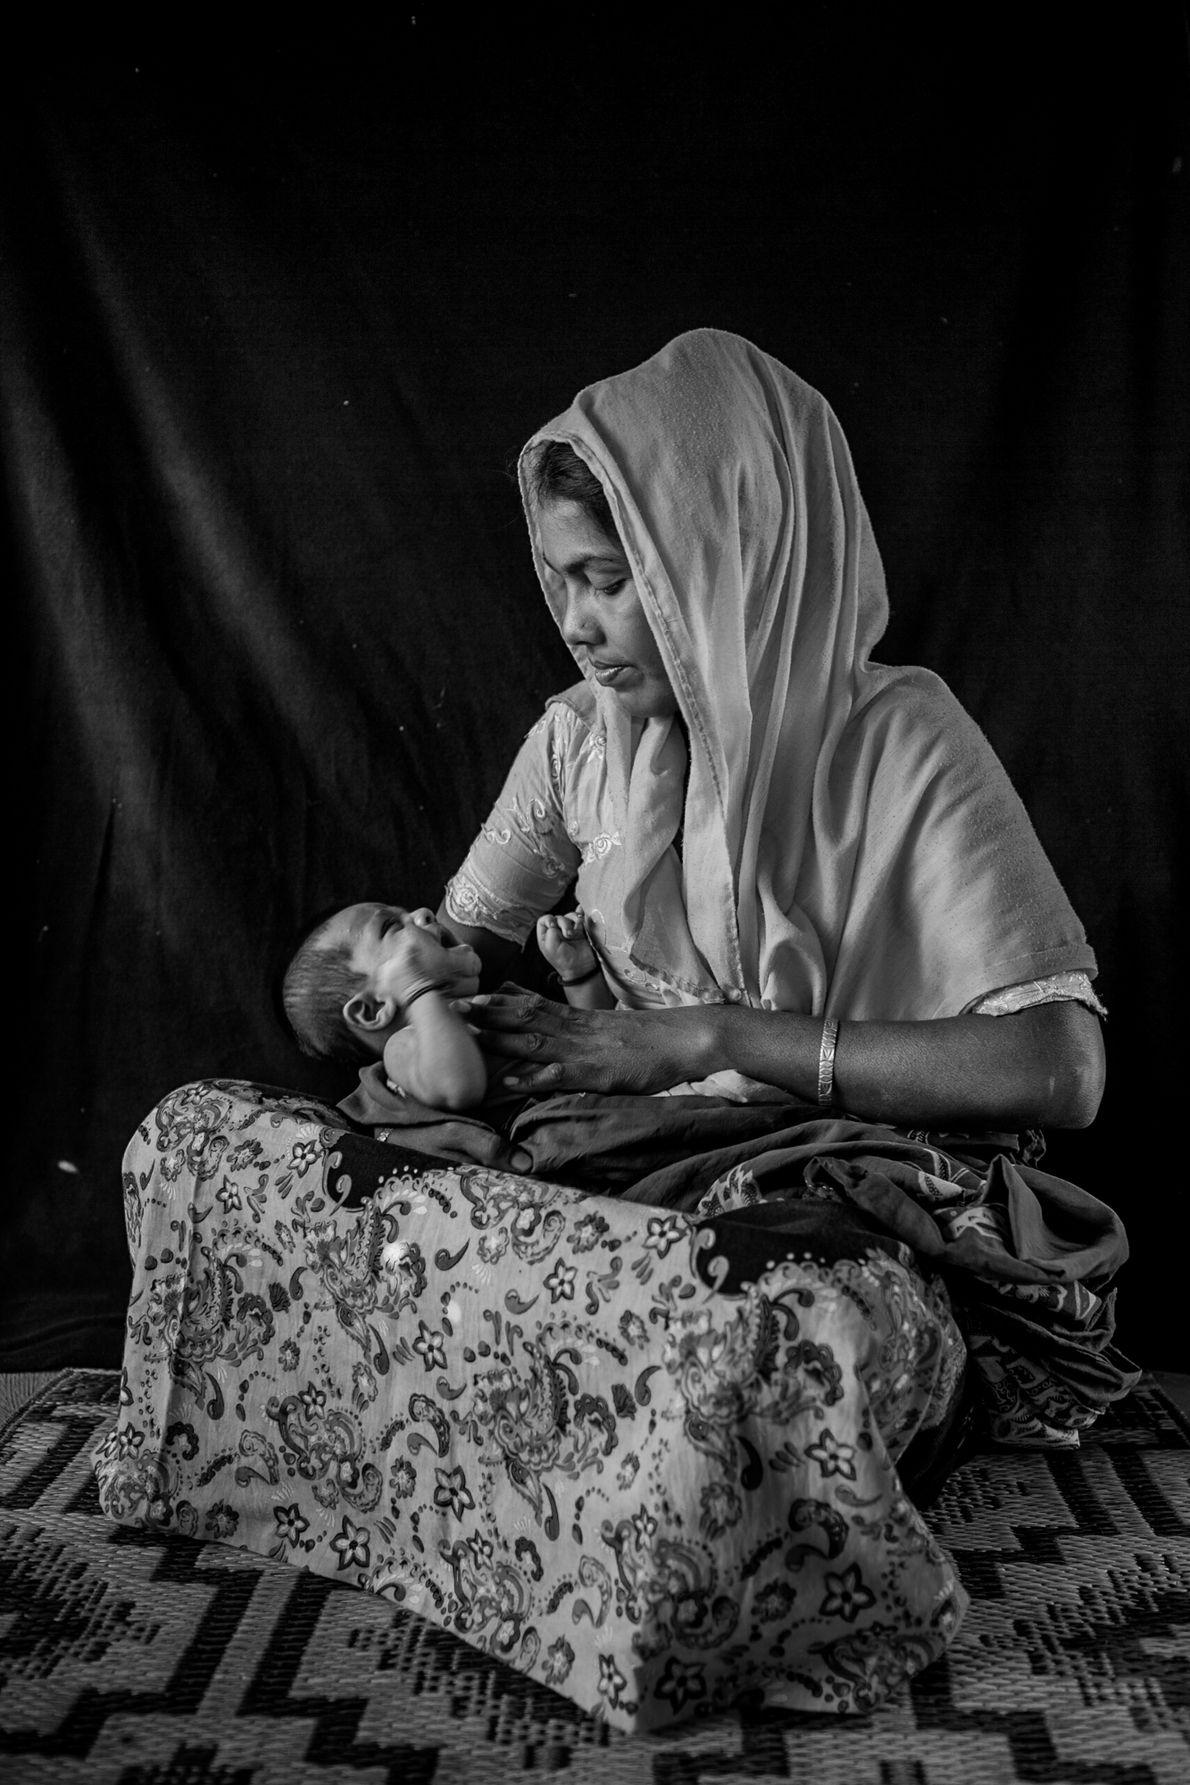 """Le projet photographique de Turjoy Chowdhury, baptisé """"Born Refugee"""" ou Né(e) réfugié(e) en français, s'intéresse aux ..."""